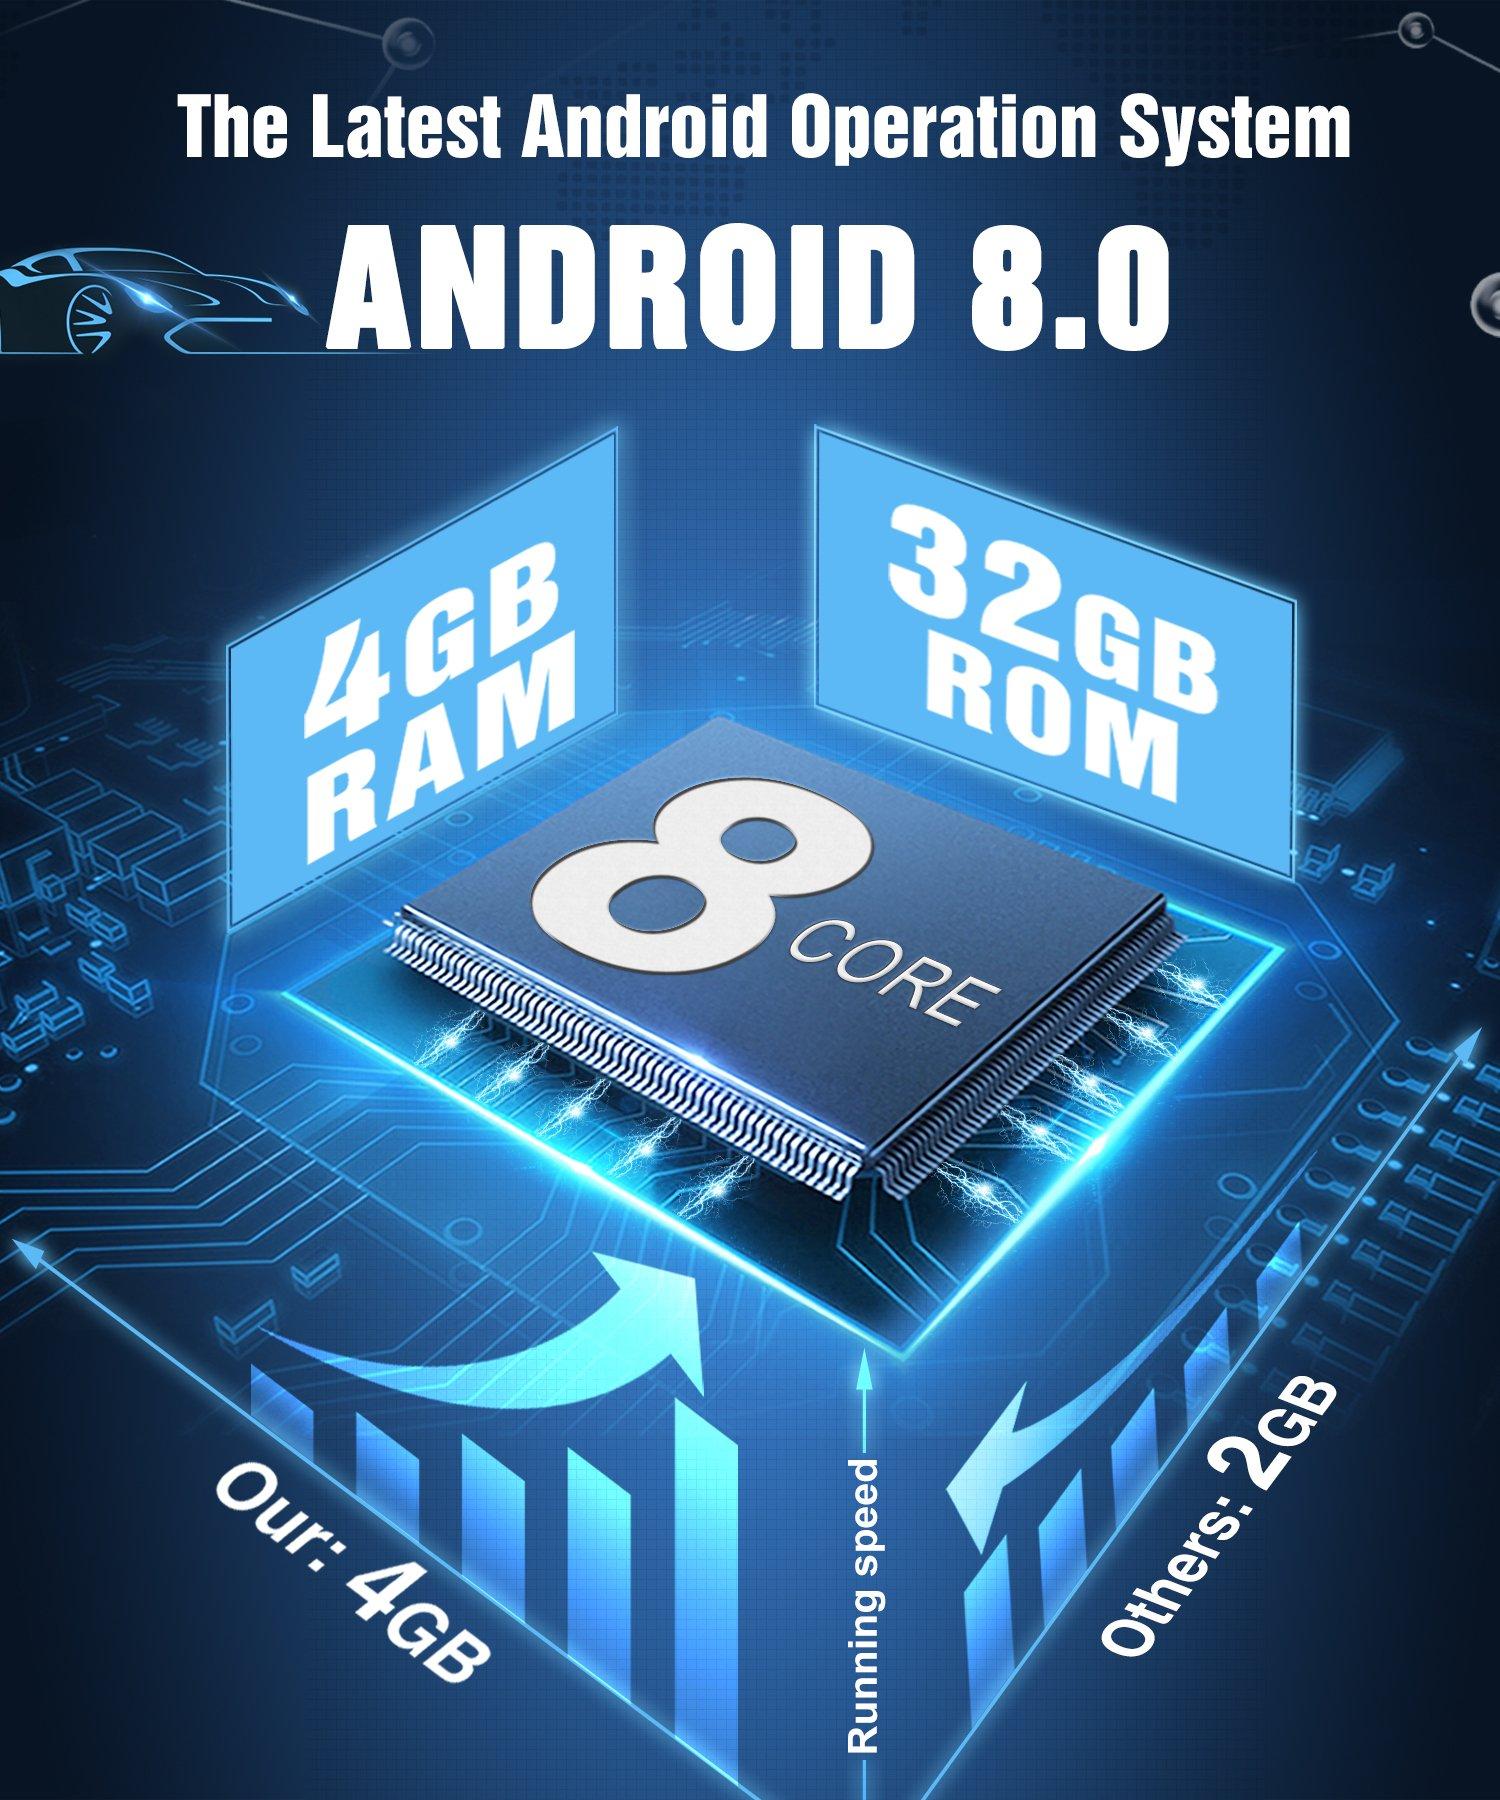 PUMPKIN-Android-80-Autoradio-4GB-DVD-Player-fr-VW-mit-Navi-8-Zoll-Bildschirm-Untersttzt-Bluetooth-DAB-WLAN-4G-Android-Auto-USB-MicroSD-Subwoofer-MirrorLink-AV-OUT-Fastboot-2-DIN